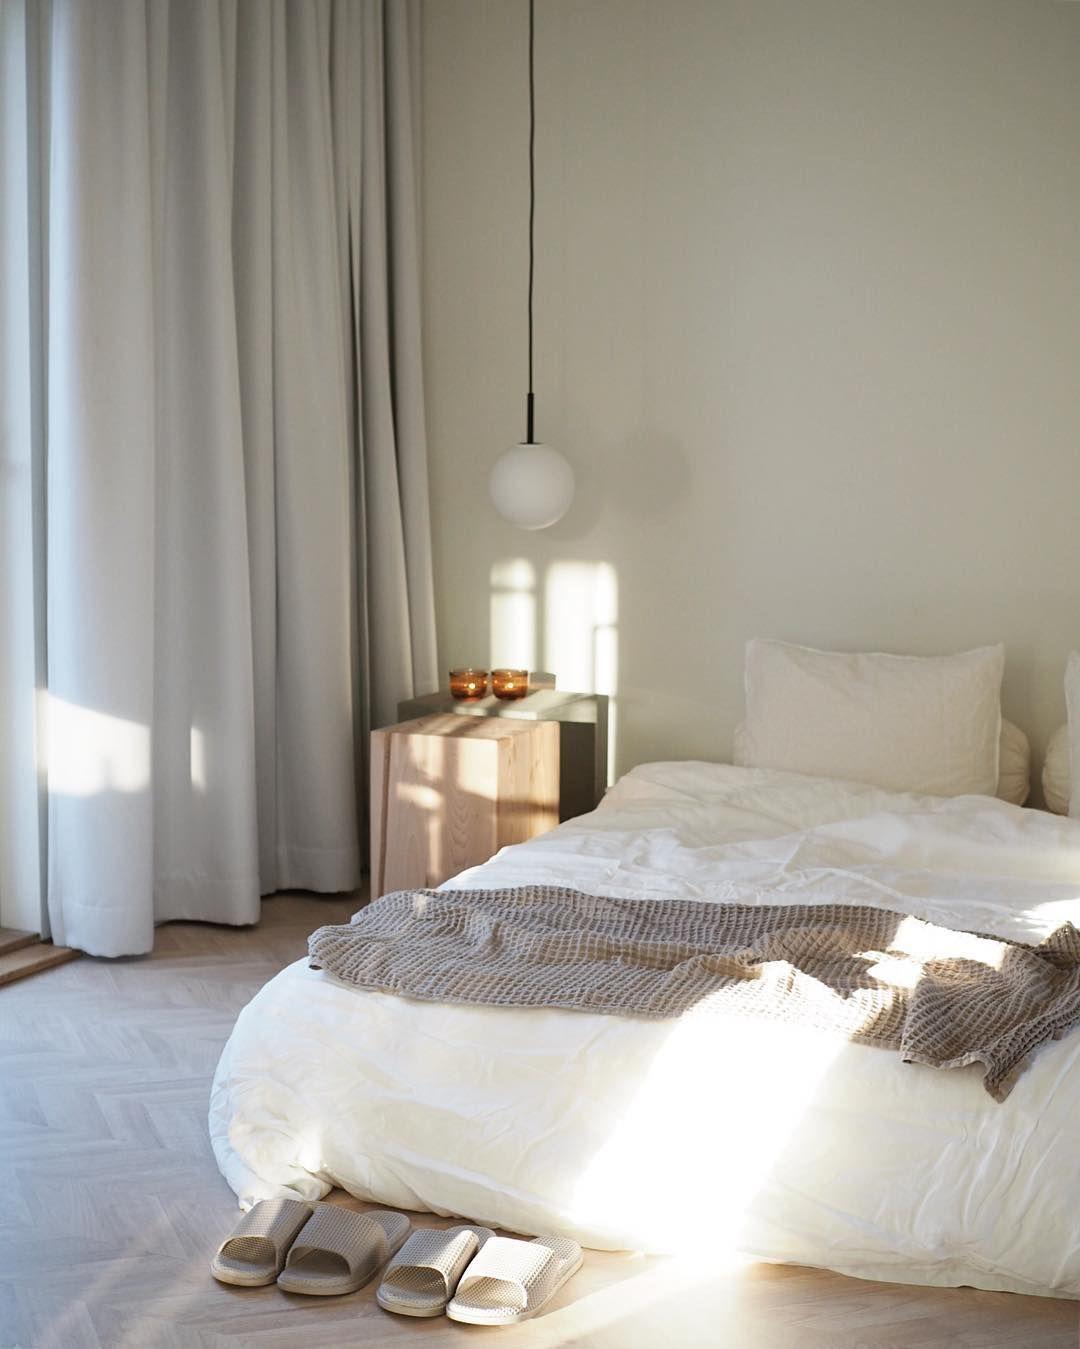 19 mẫu phòng ngủ hài hòa và thư thái theo phong cách Zen - Ảnh 16.